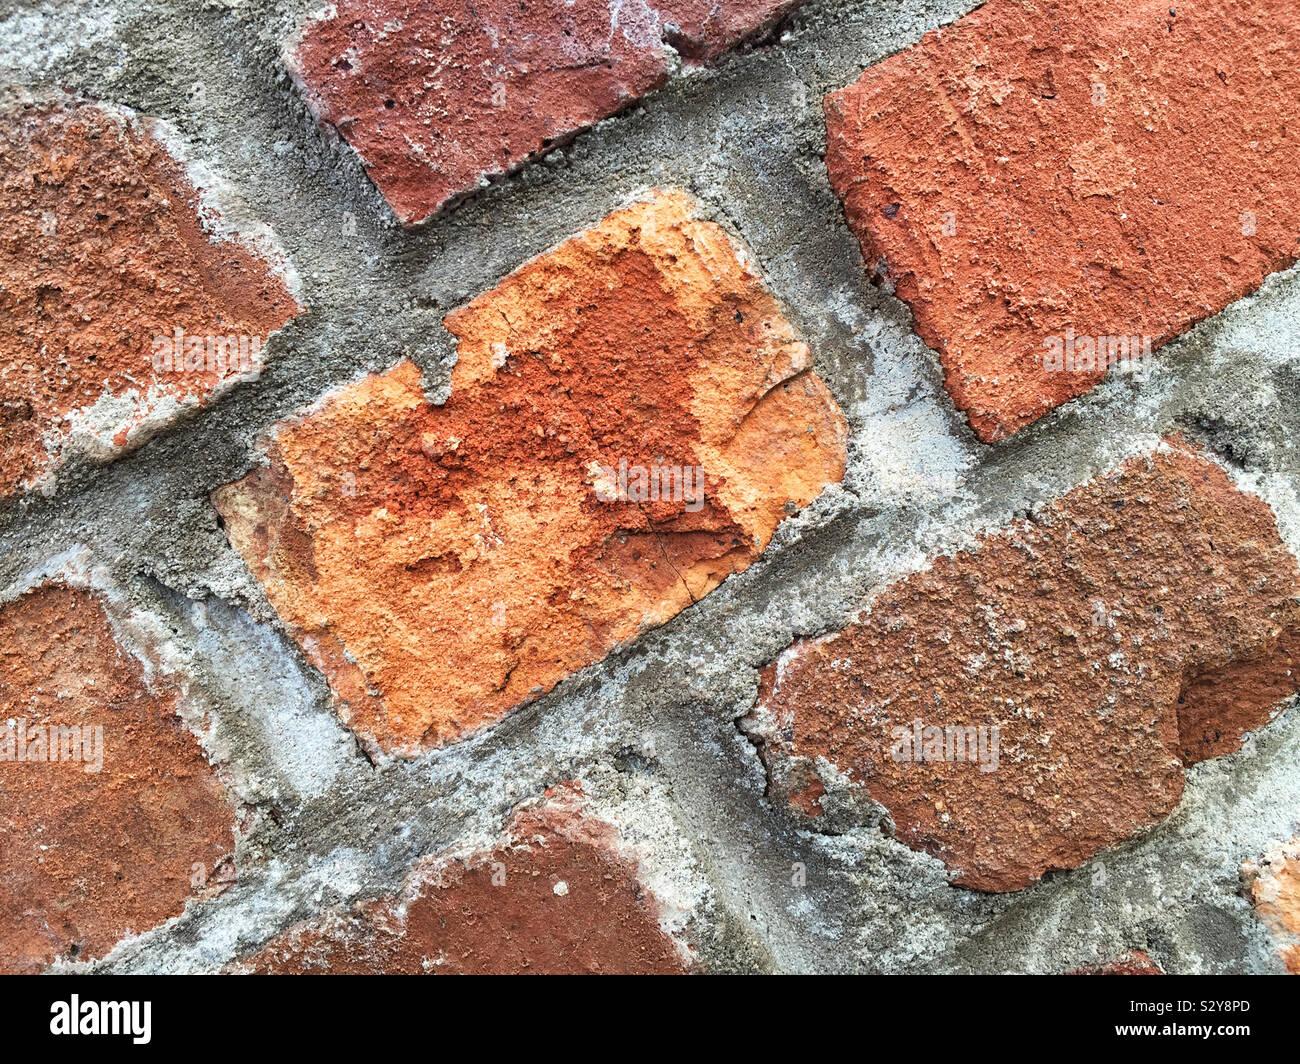 Un edificio storico costruito di grandi dimensioni e di colore rosso mattone con malta cementizia tenendolo insieme. Questa macro shot mostra tutti i dettagli e le texture. Foto Stock